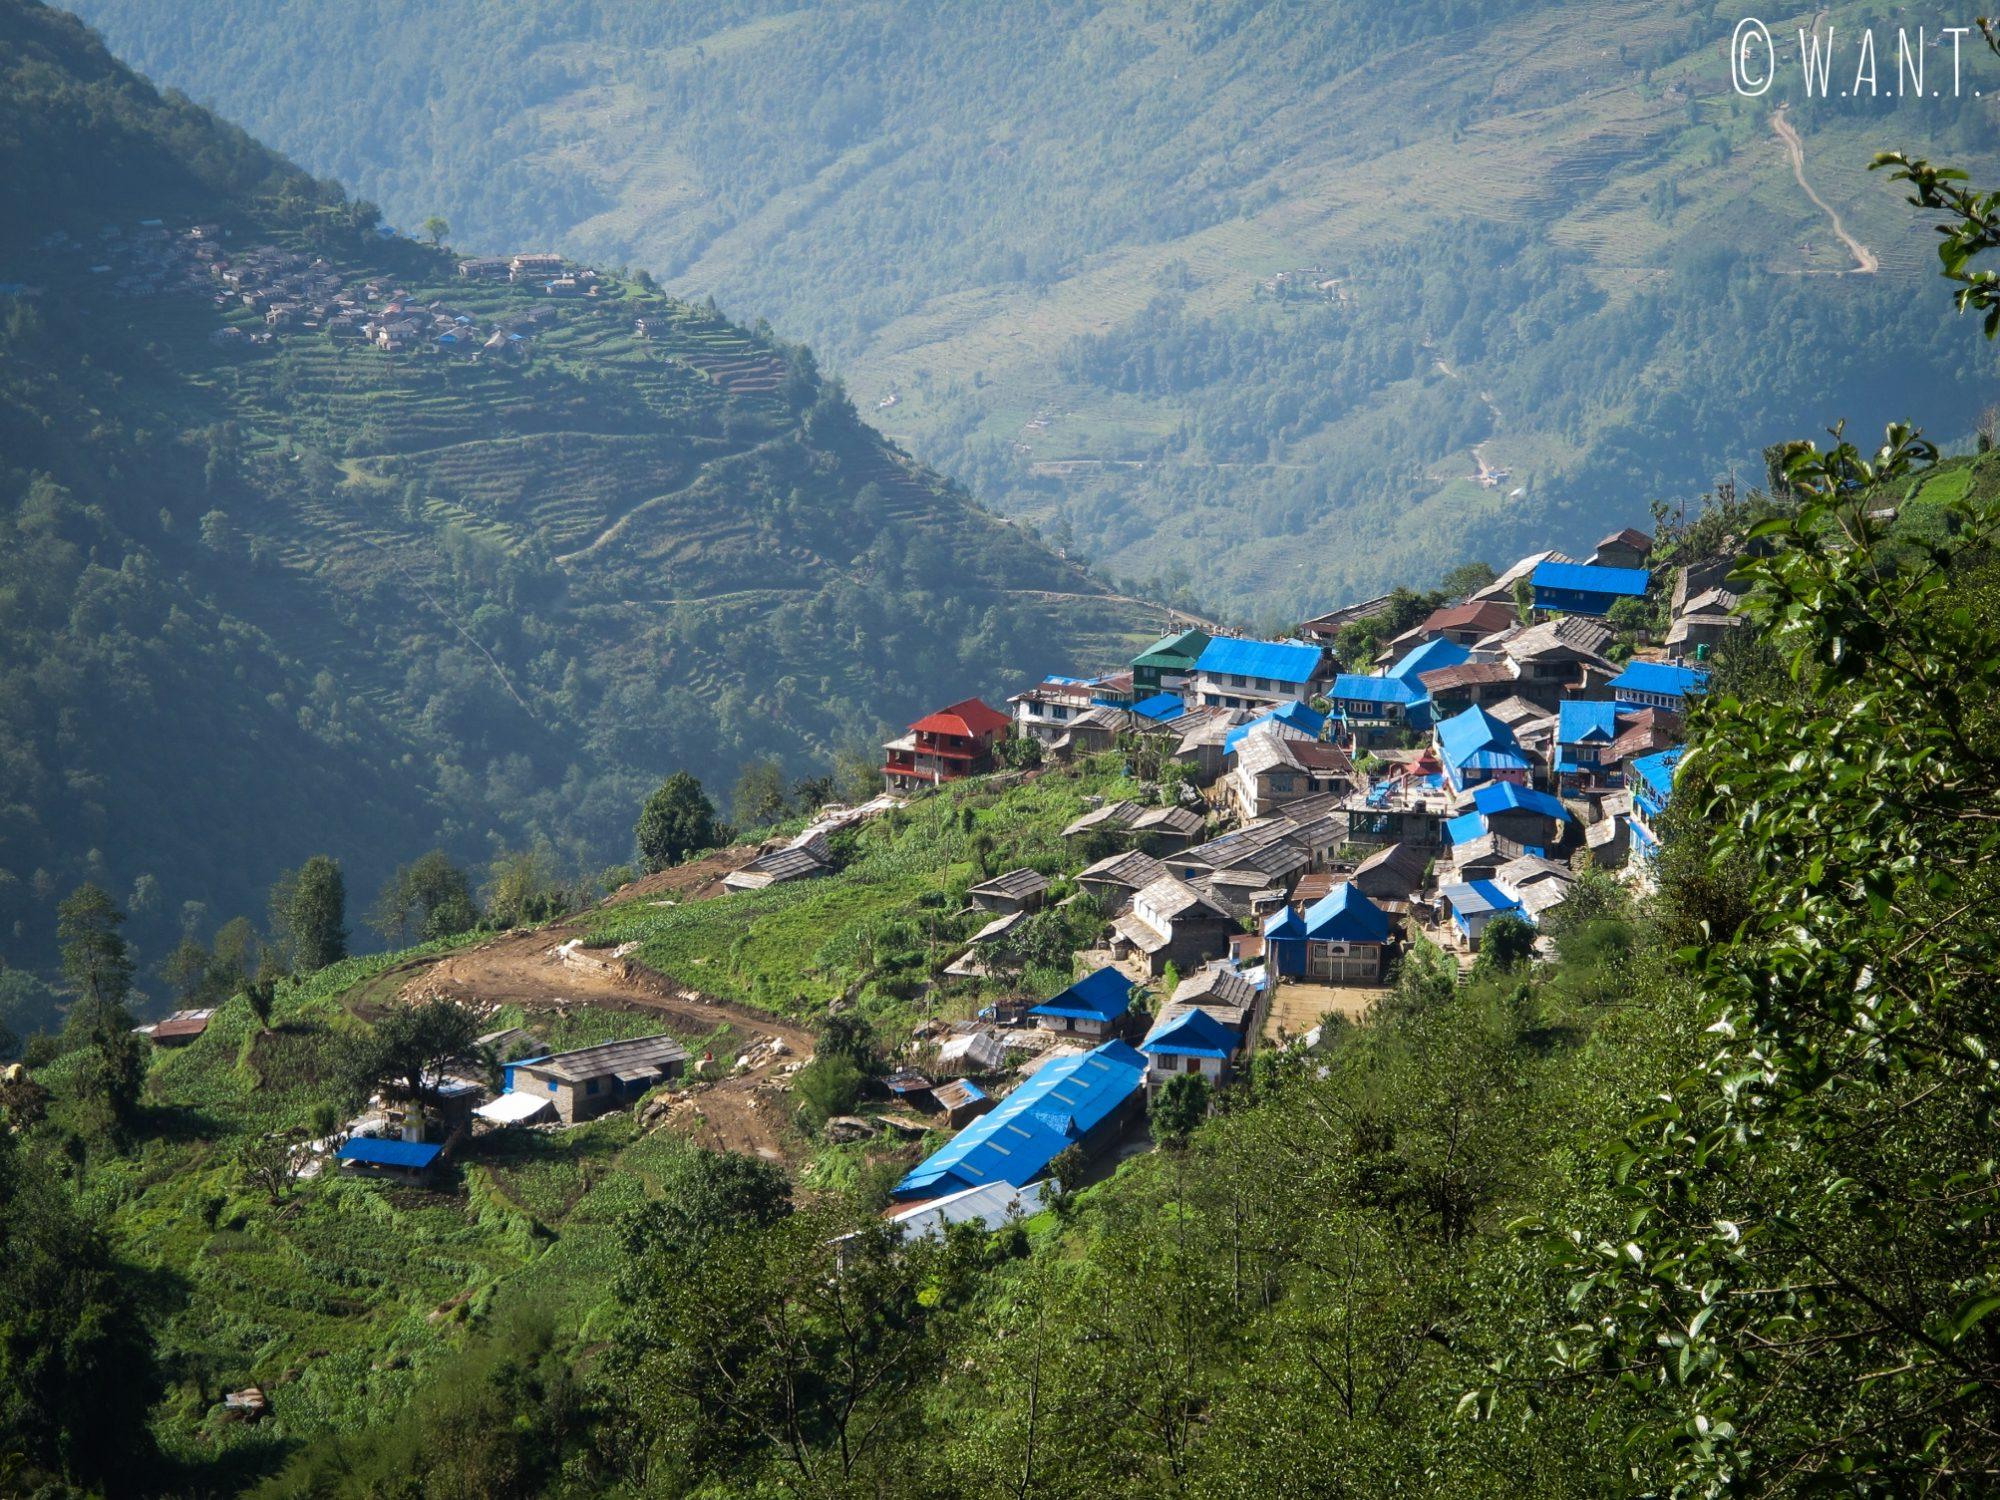 Notre première étape, Ulleri, est un village en flanc de montagne des plus typiques dans les Annapurnas